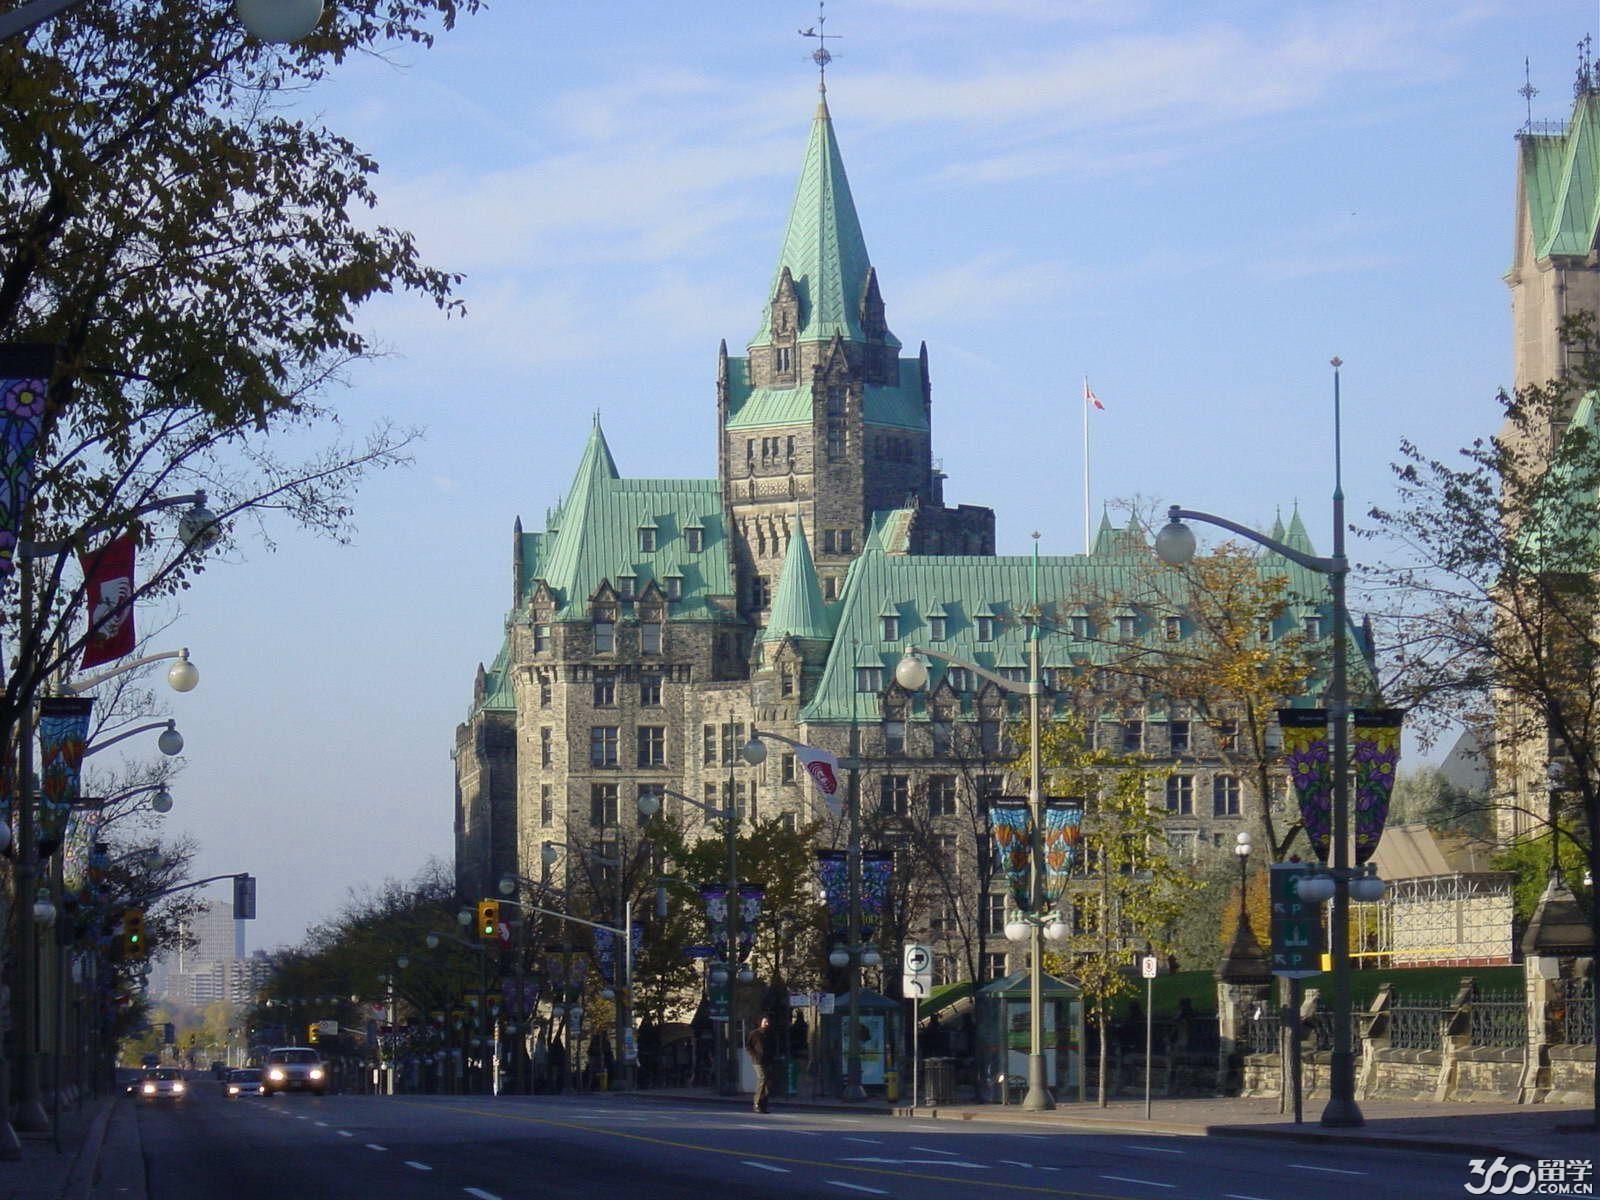 加拿大商科研究生专业的入学要求解析